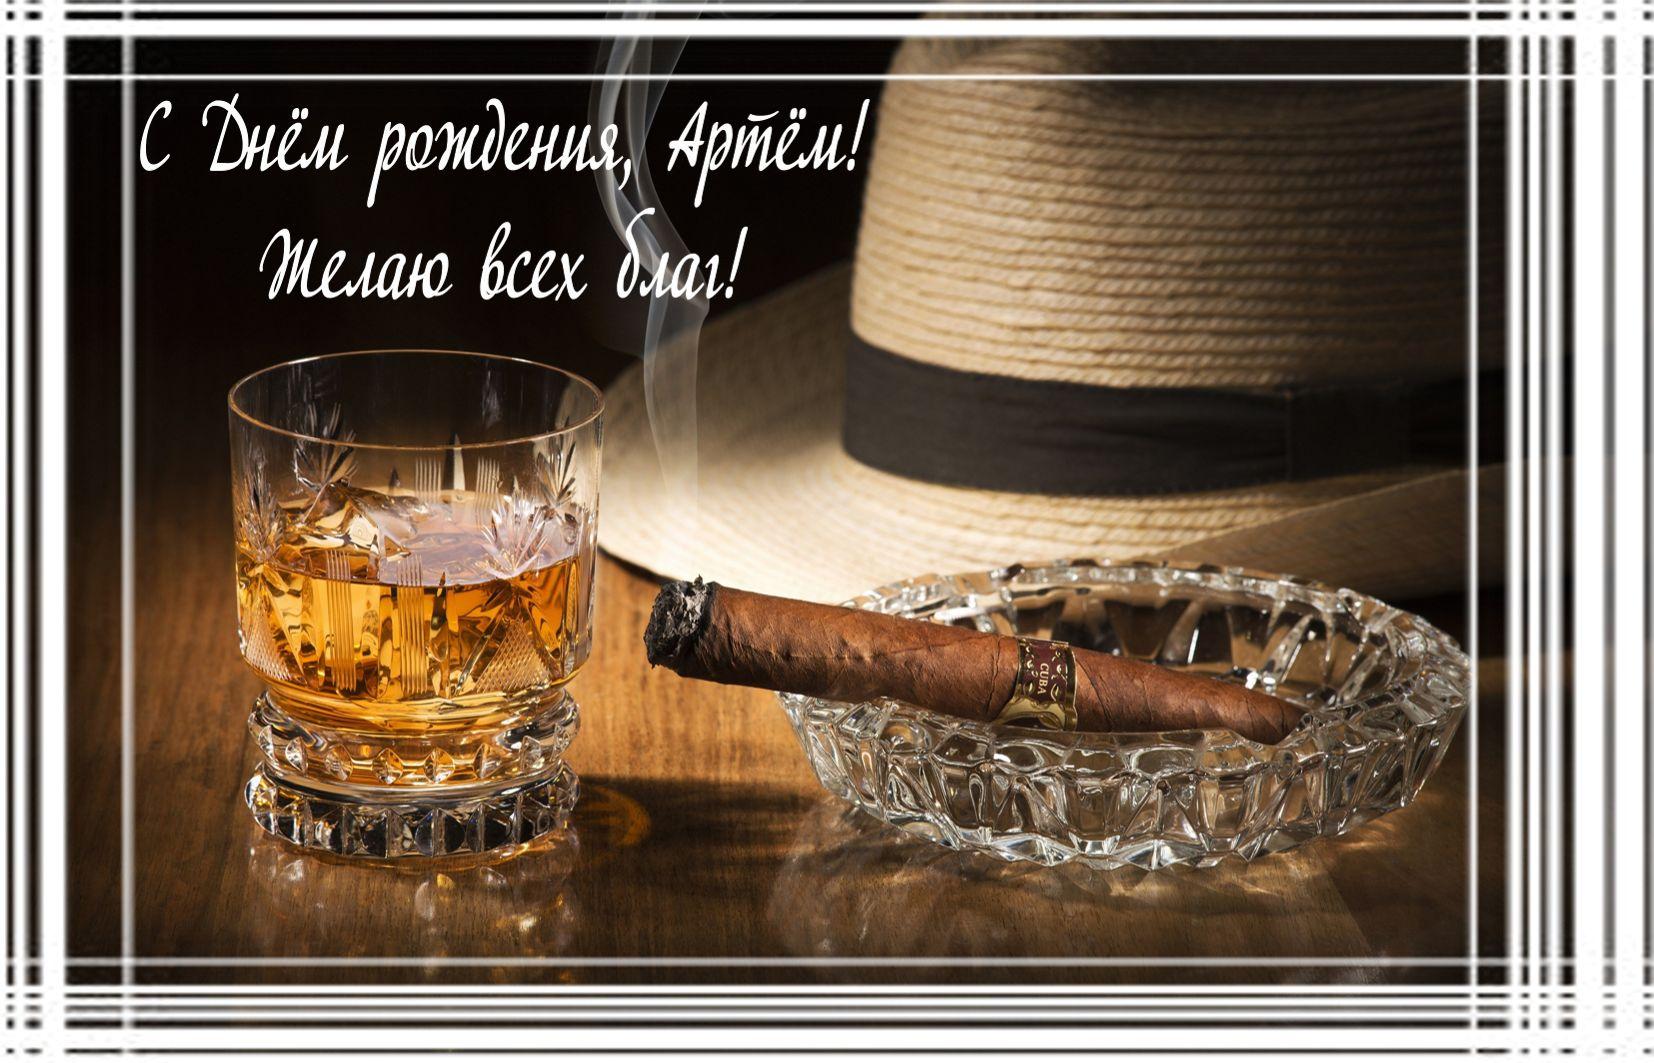 Открытка на День рождения Артему - бокал коньяка и сигара в красивой рамке